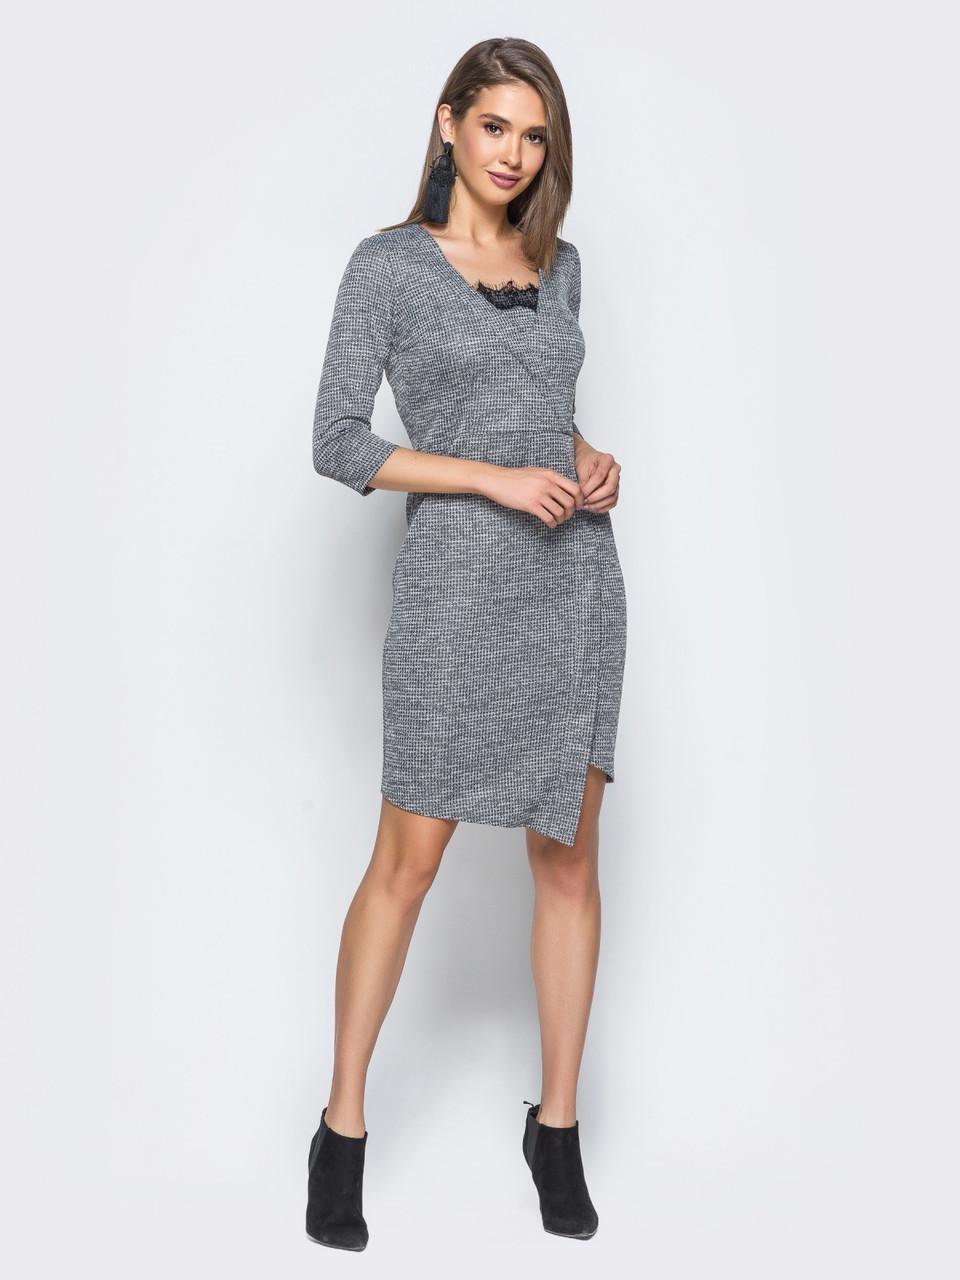 Стильное женское трикотажное платье с кружевом р.44  продажа, цена в ... 88dc7cd2146